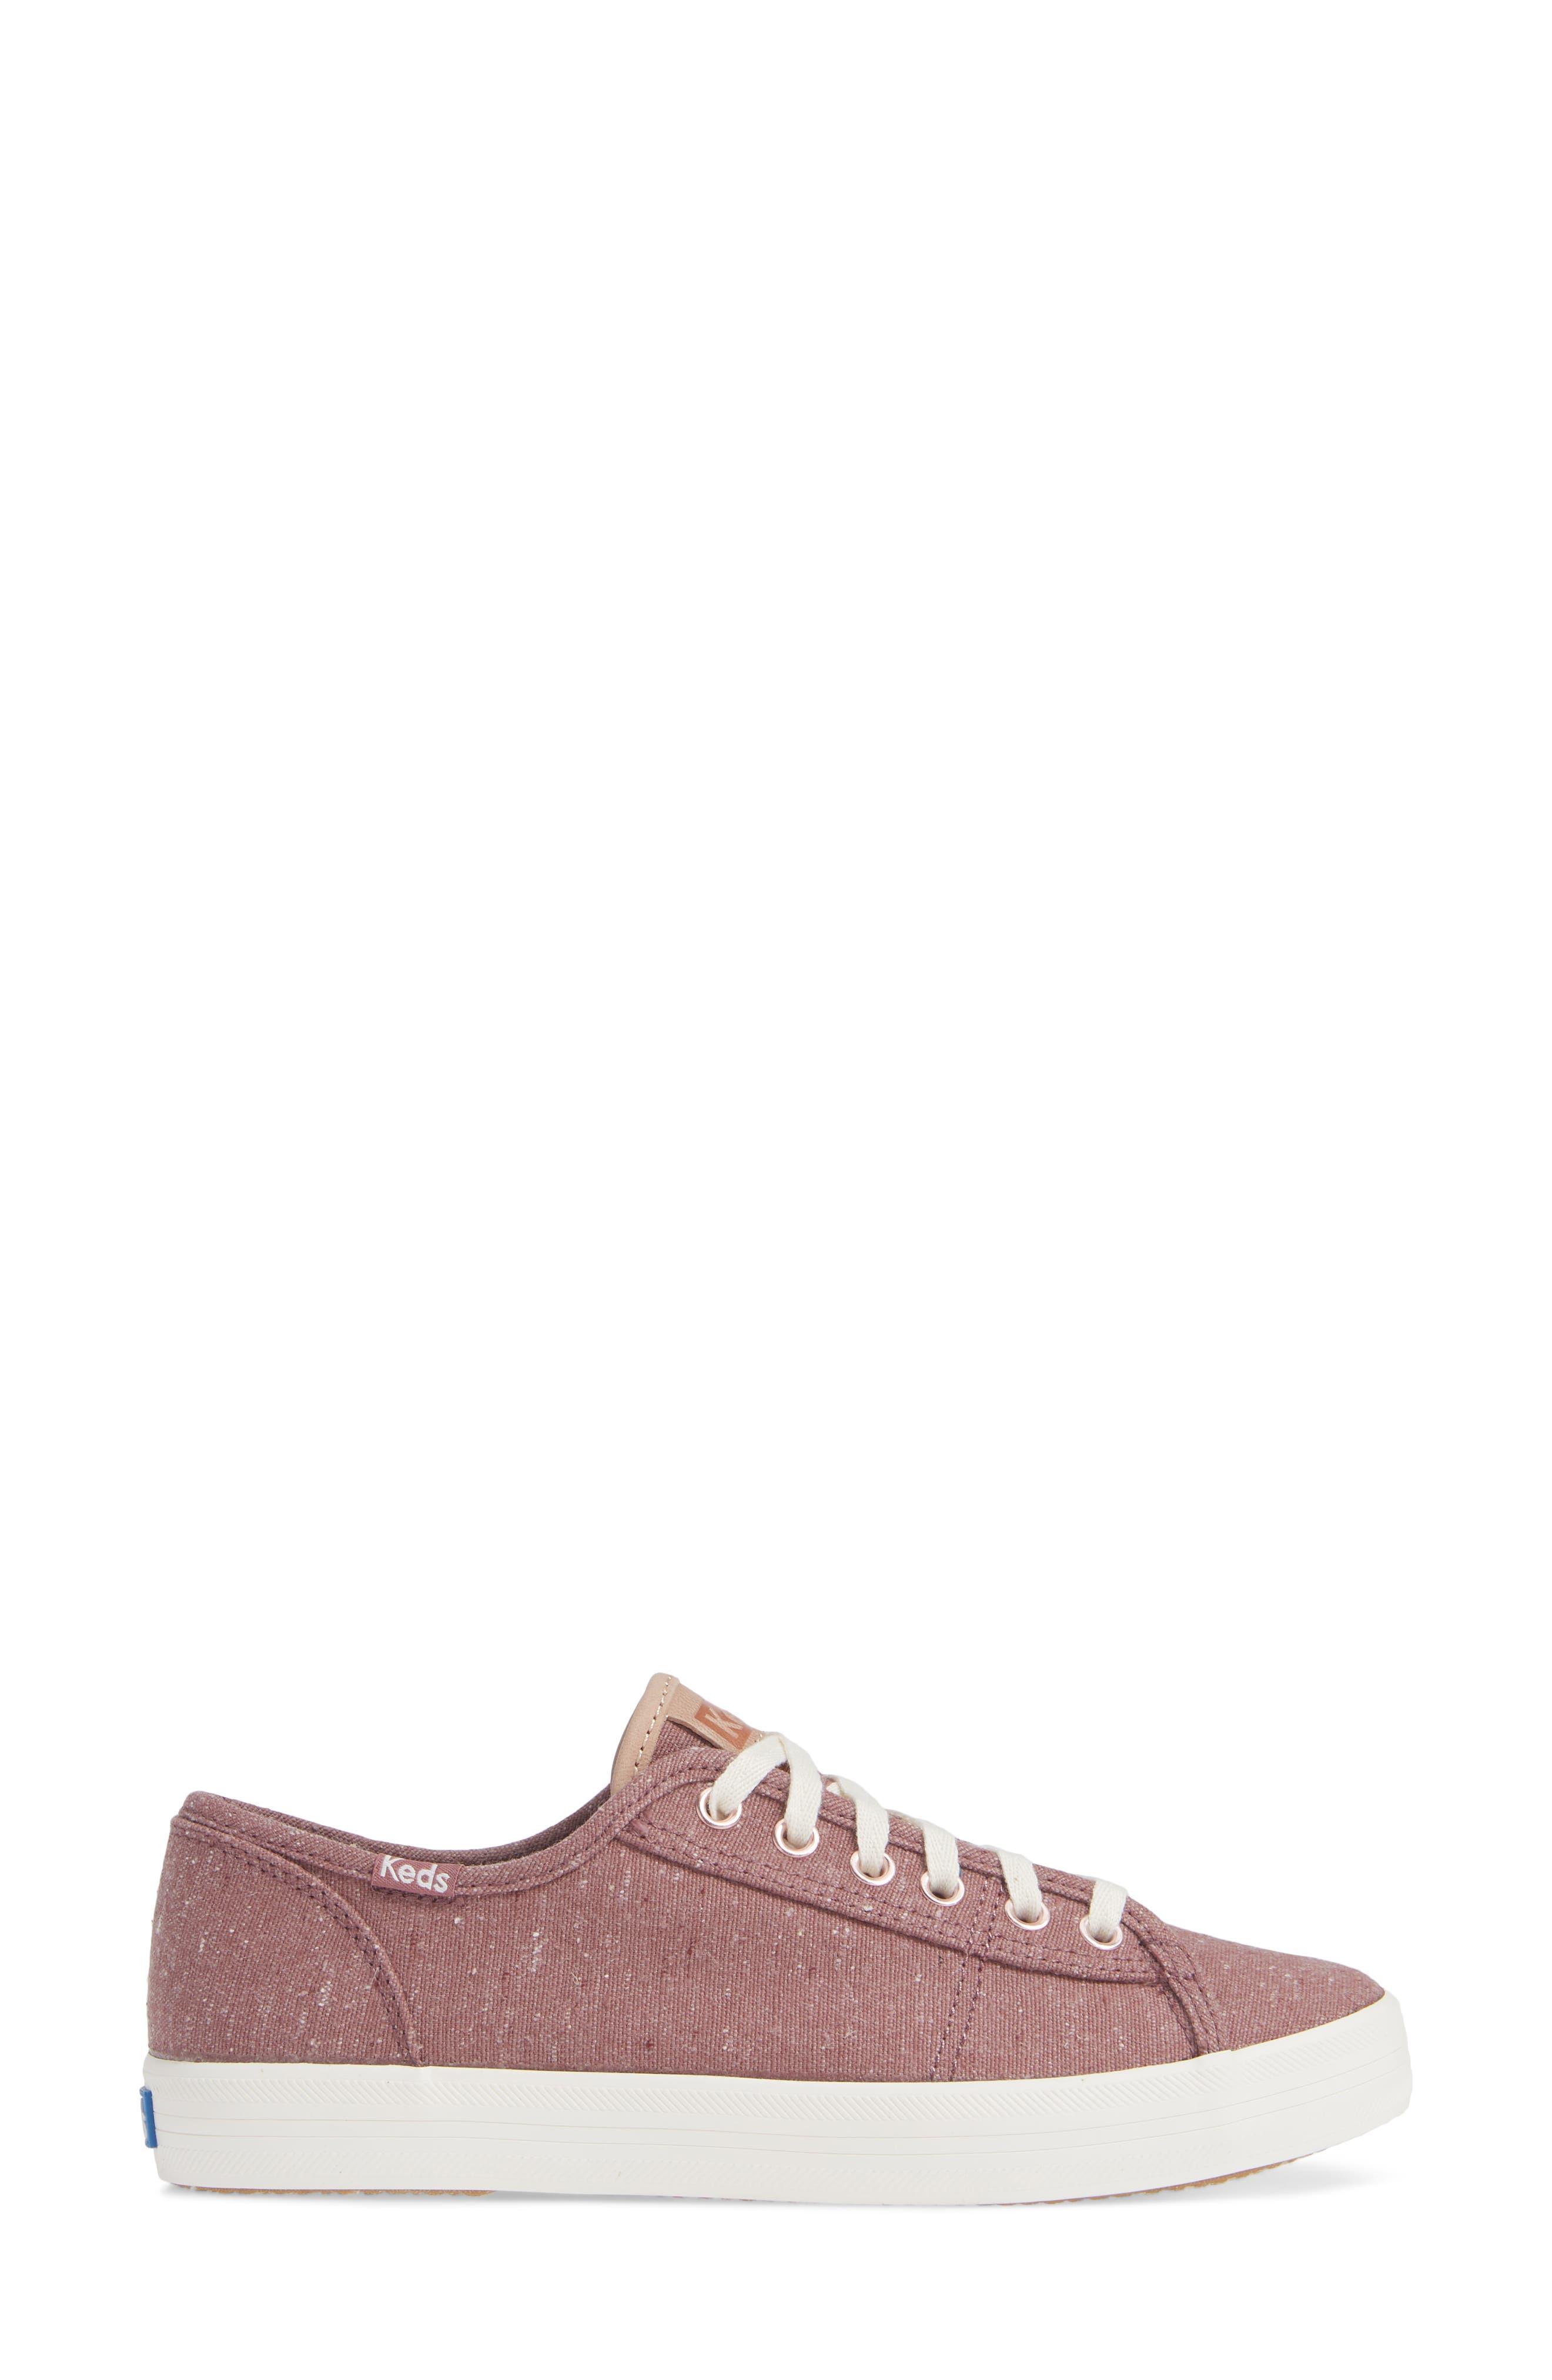 KEDS<SUP>®</SUP>, Kickstart Sneaker, Alternate thumbnail 3, color, MAUVE